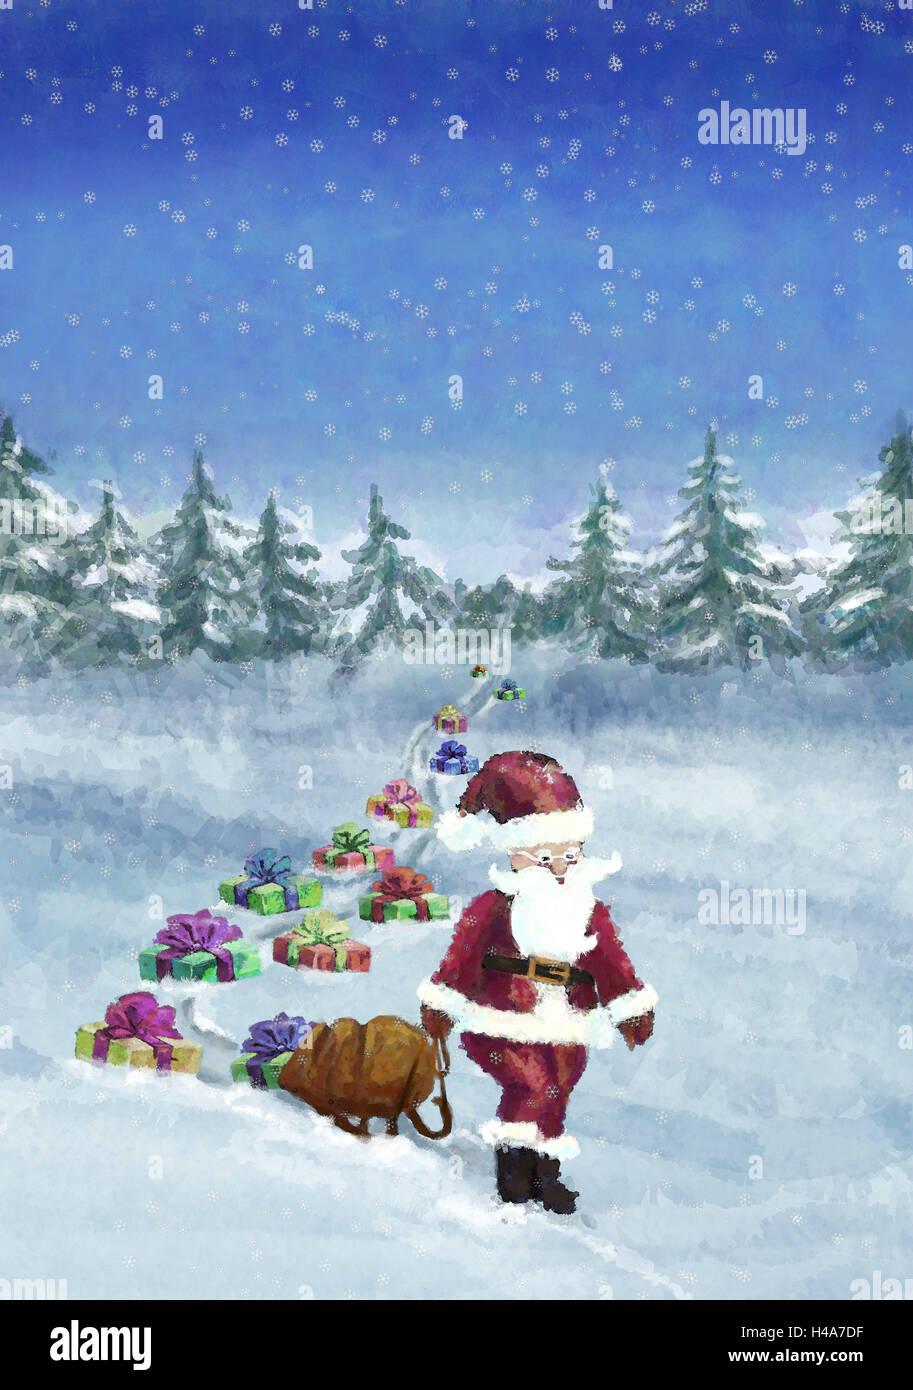 Abbildung, Holz, Santa Claus, schieben, ziehen, präsentiert ...